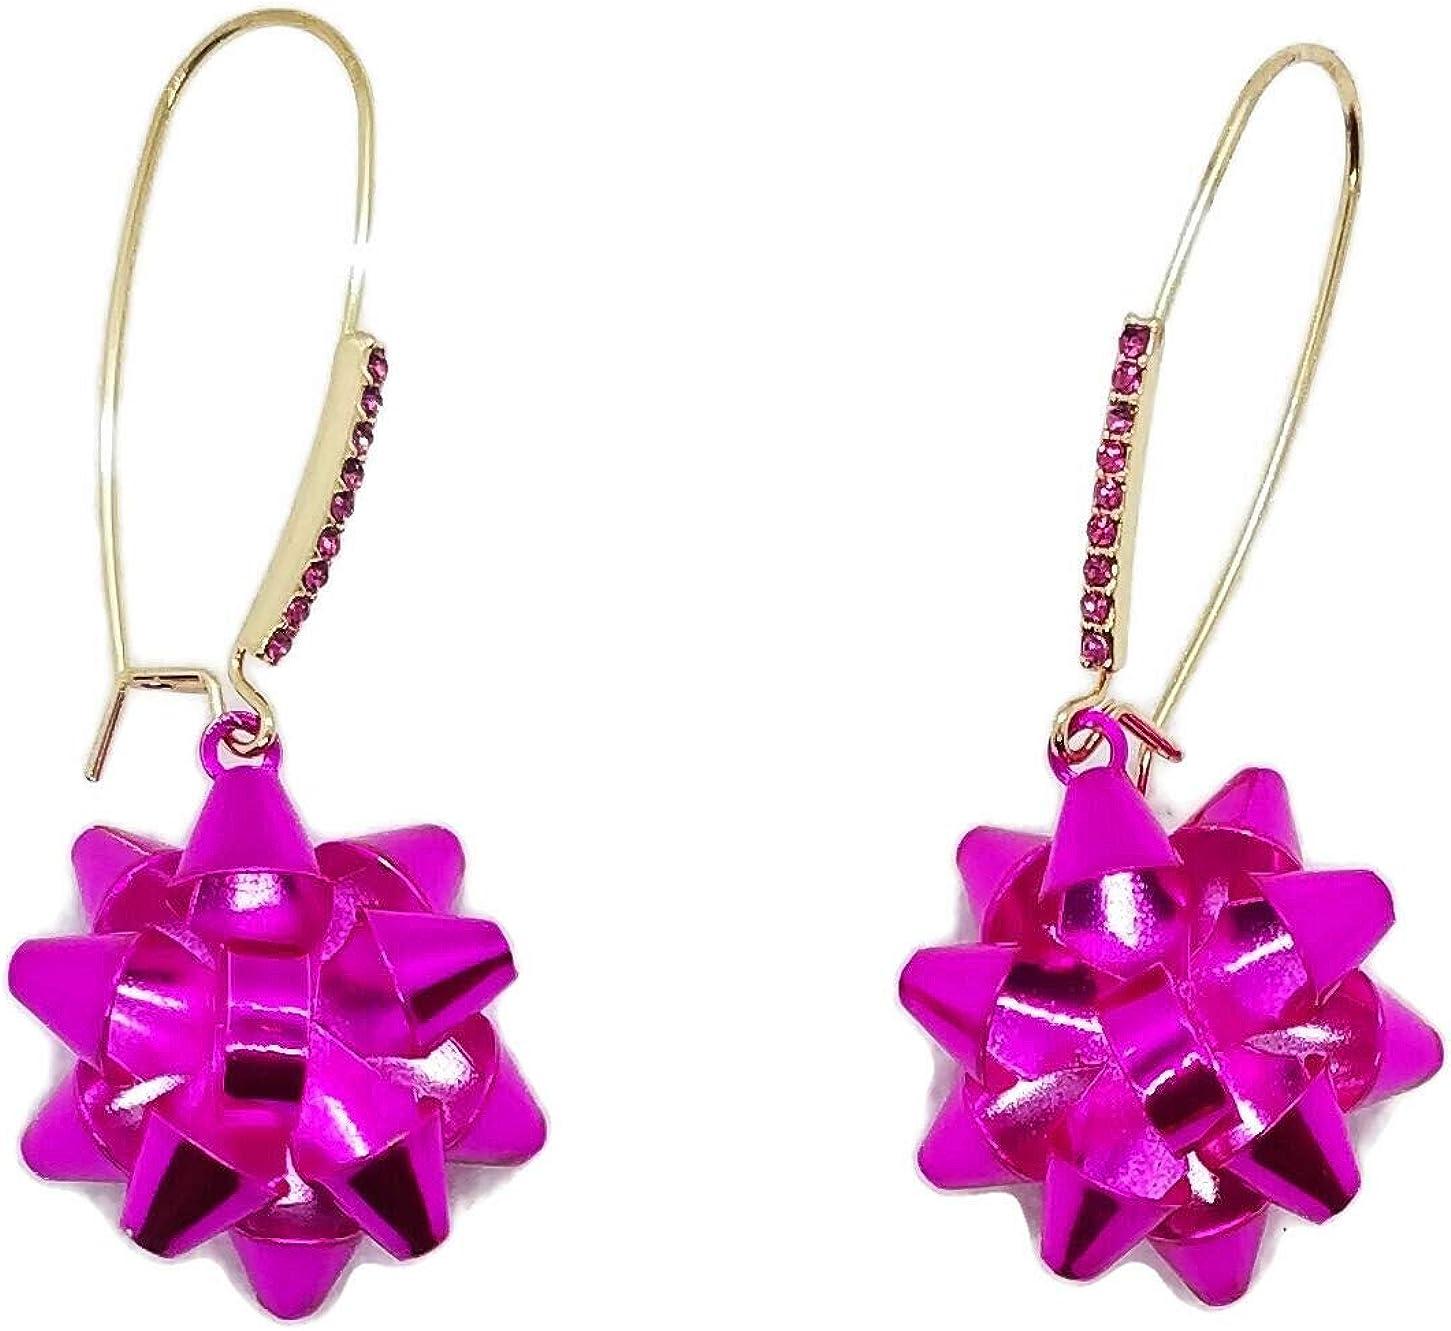 Betsey Johnson Pink Bunny Stud Earrings